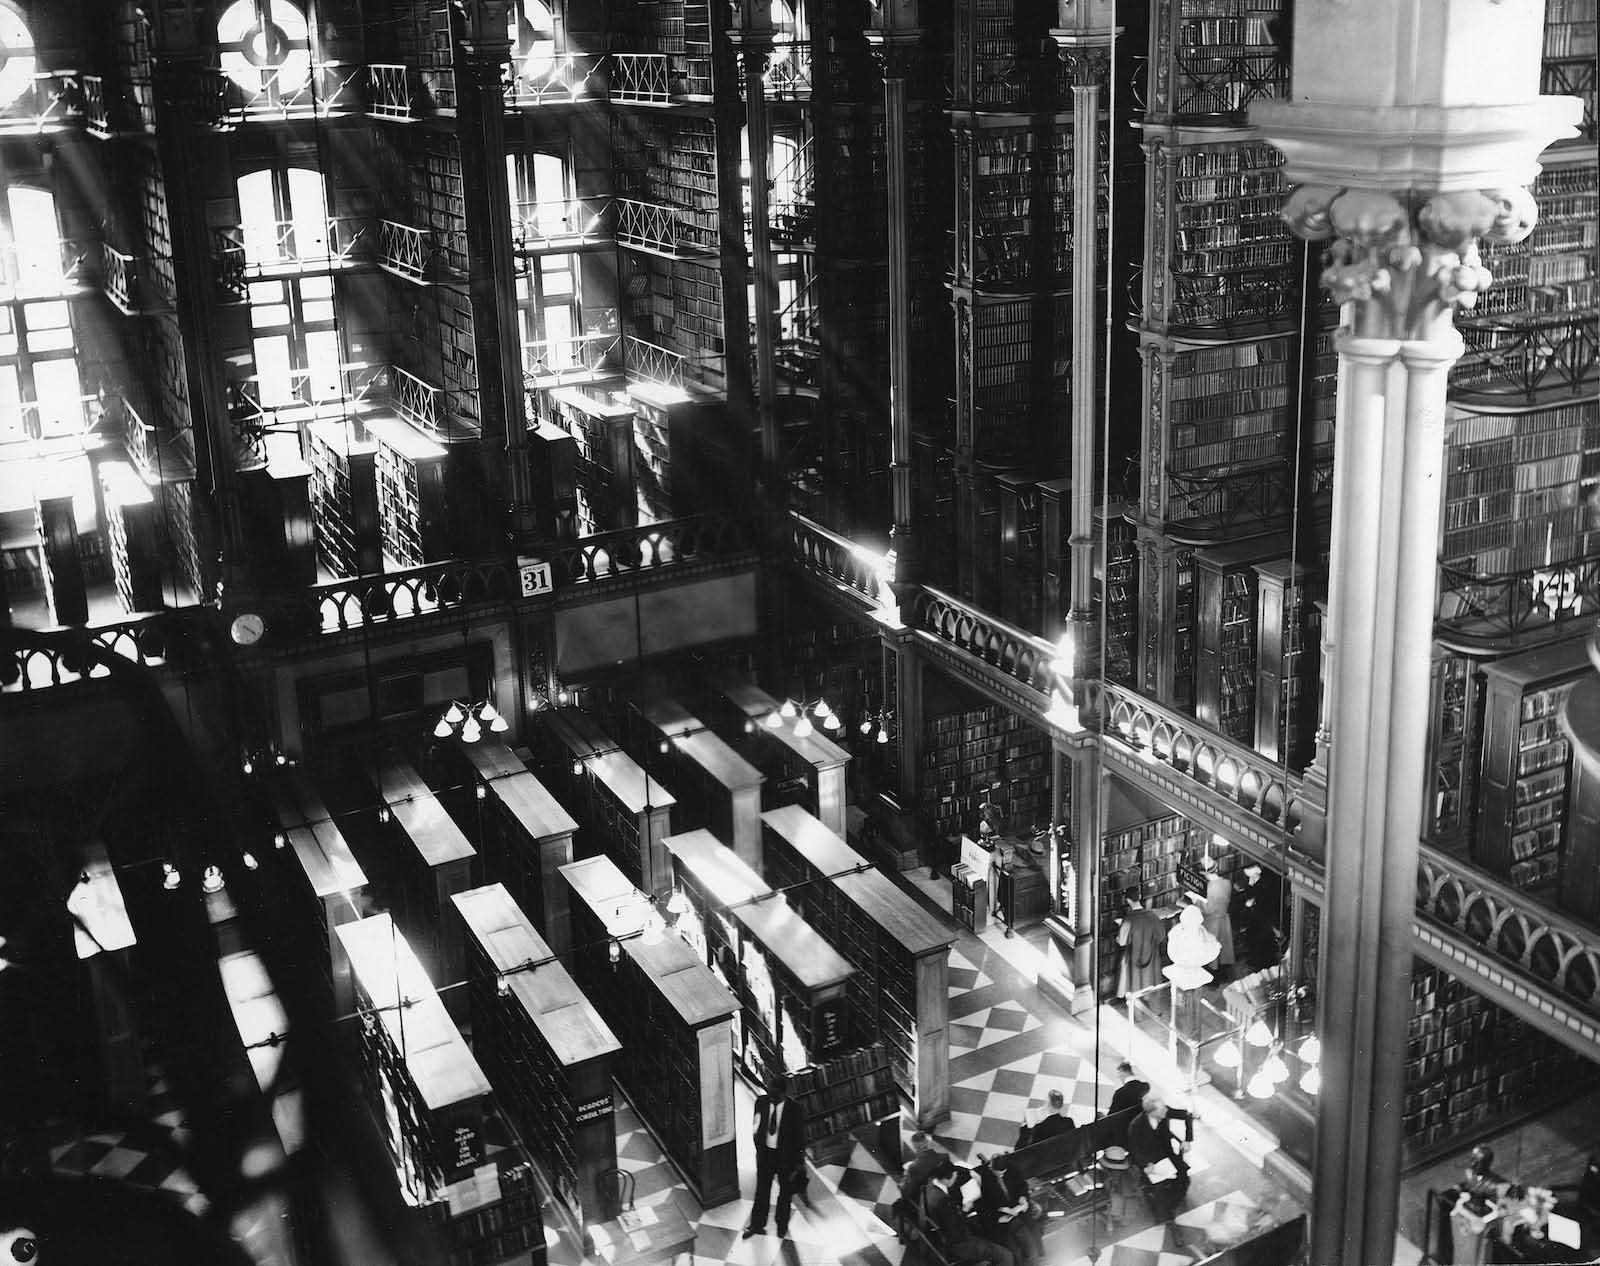 La vecchia libreria Cincinnati prima di essere demolita, 1874-1955'Ancien Cincinnati Bibliothèque avant d'être démoli, 1874-1955